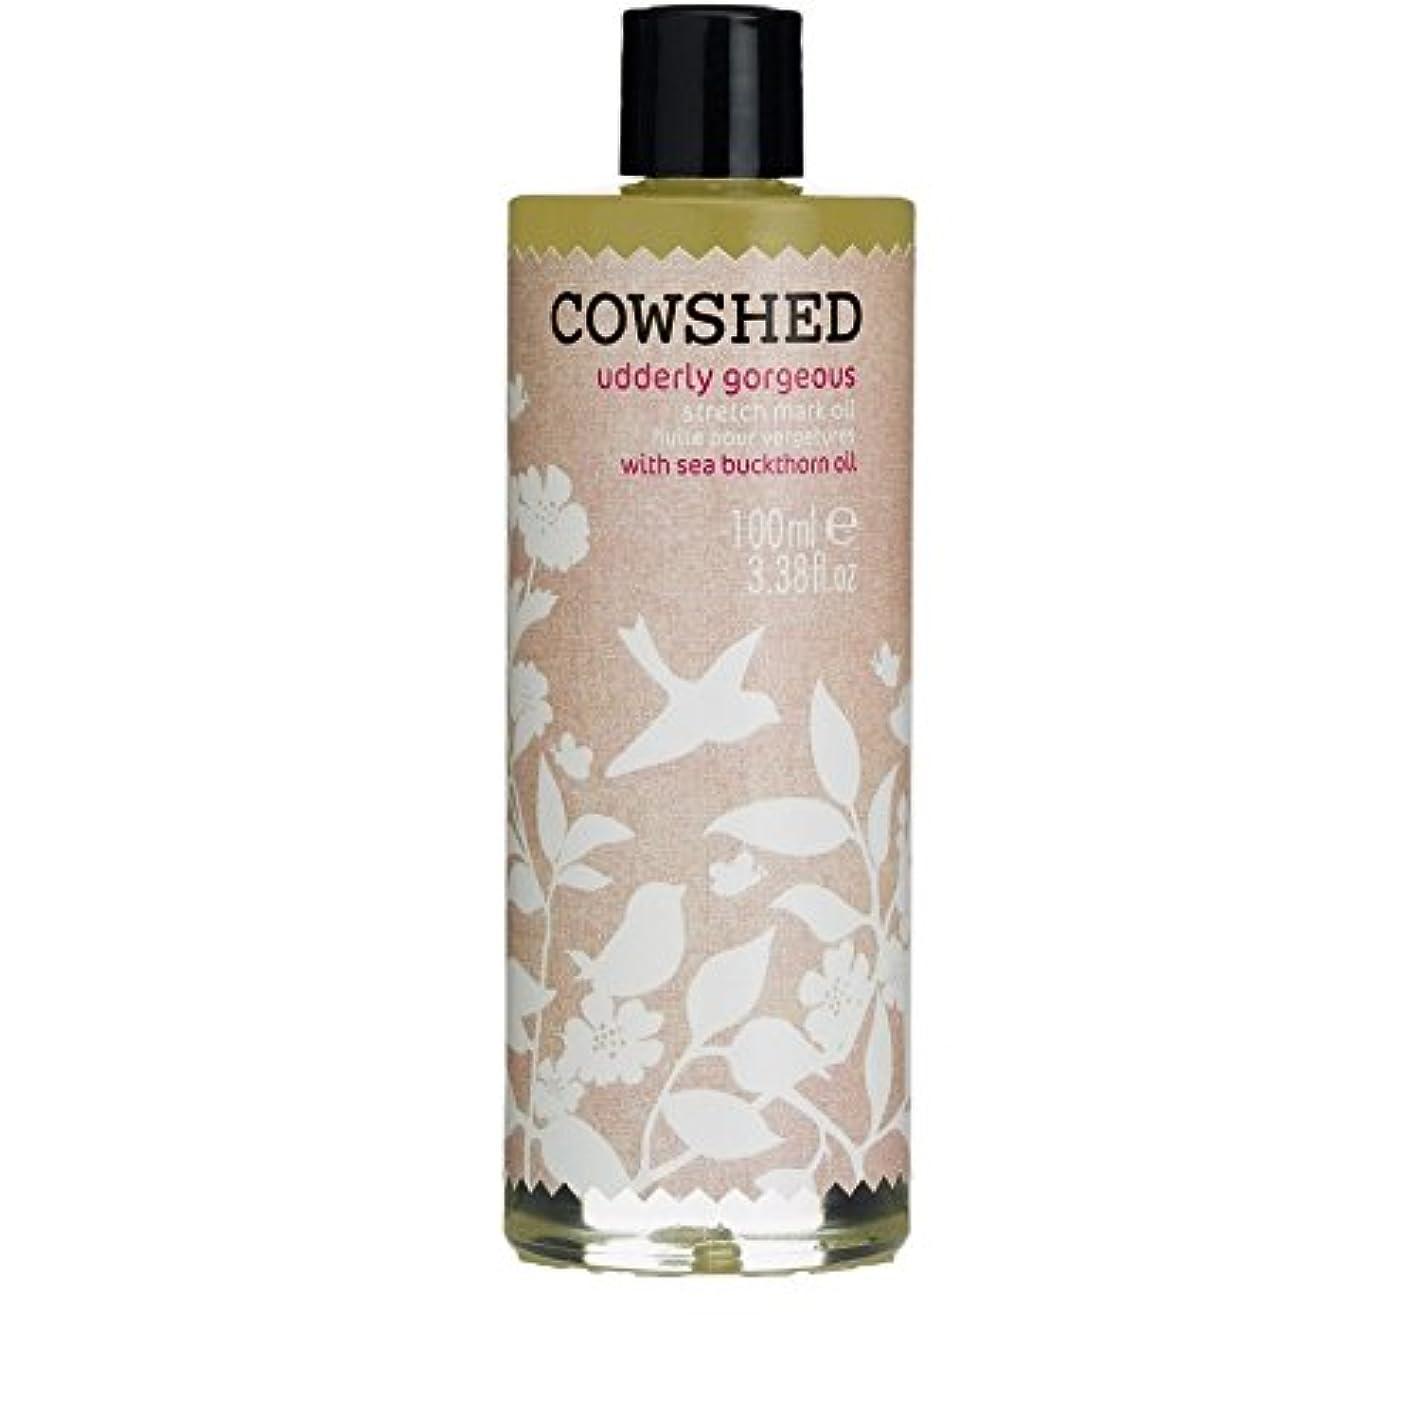 少年シフト胴体Cowshed Udderly Gorgeous Stretch Mark Oil 100ml - 牛舎ゴージャスなストレッチマークオイル100ミリリットル [並行輸入品]